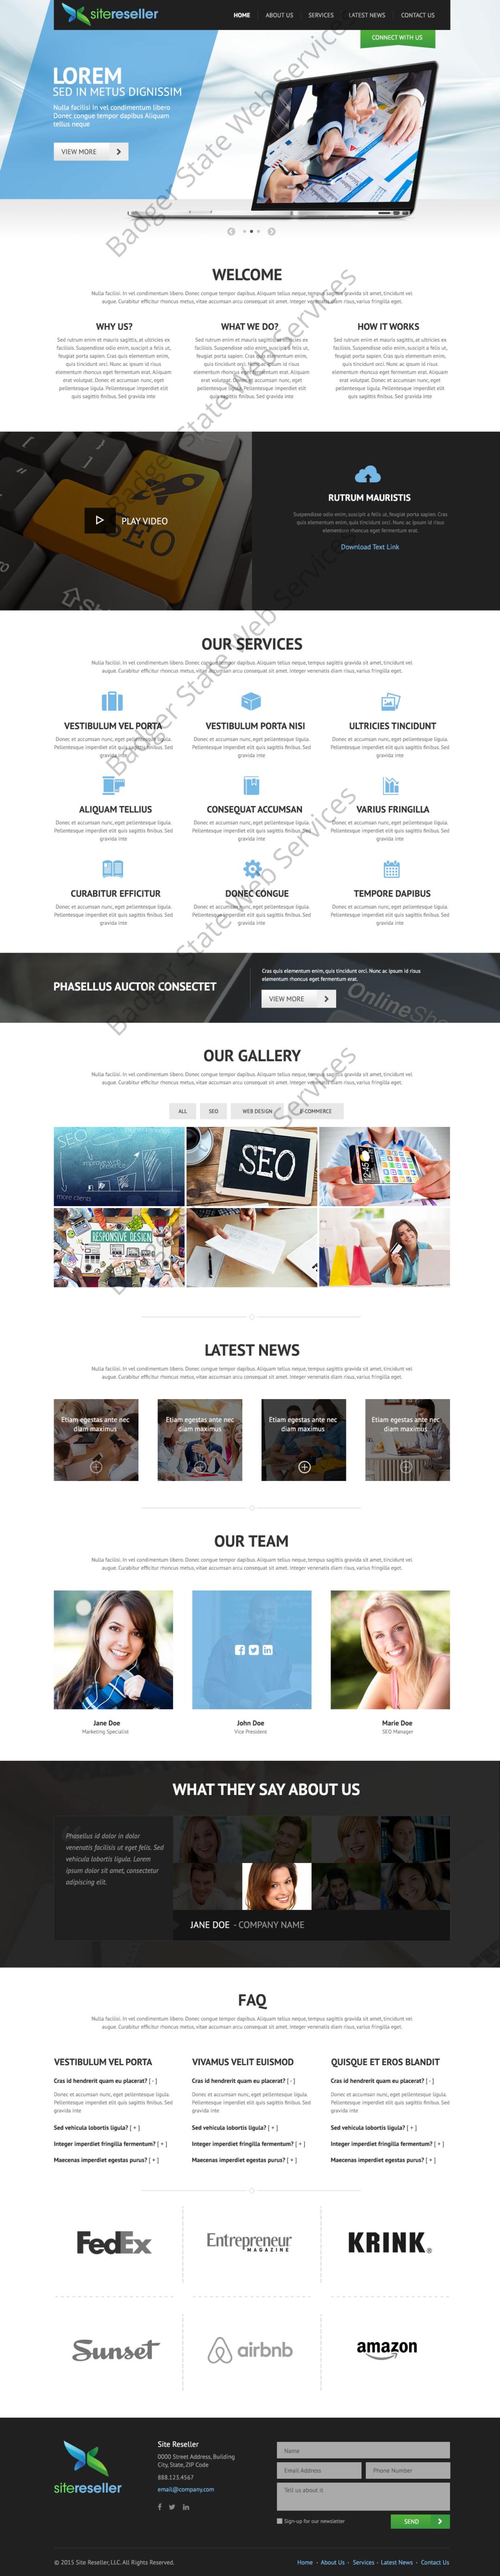 General Service Web Design Mockup-J